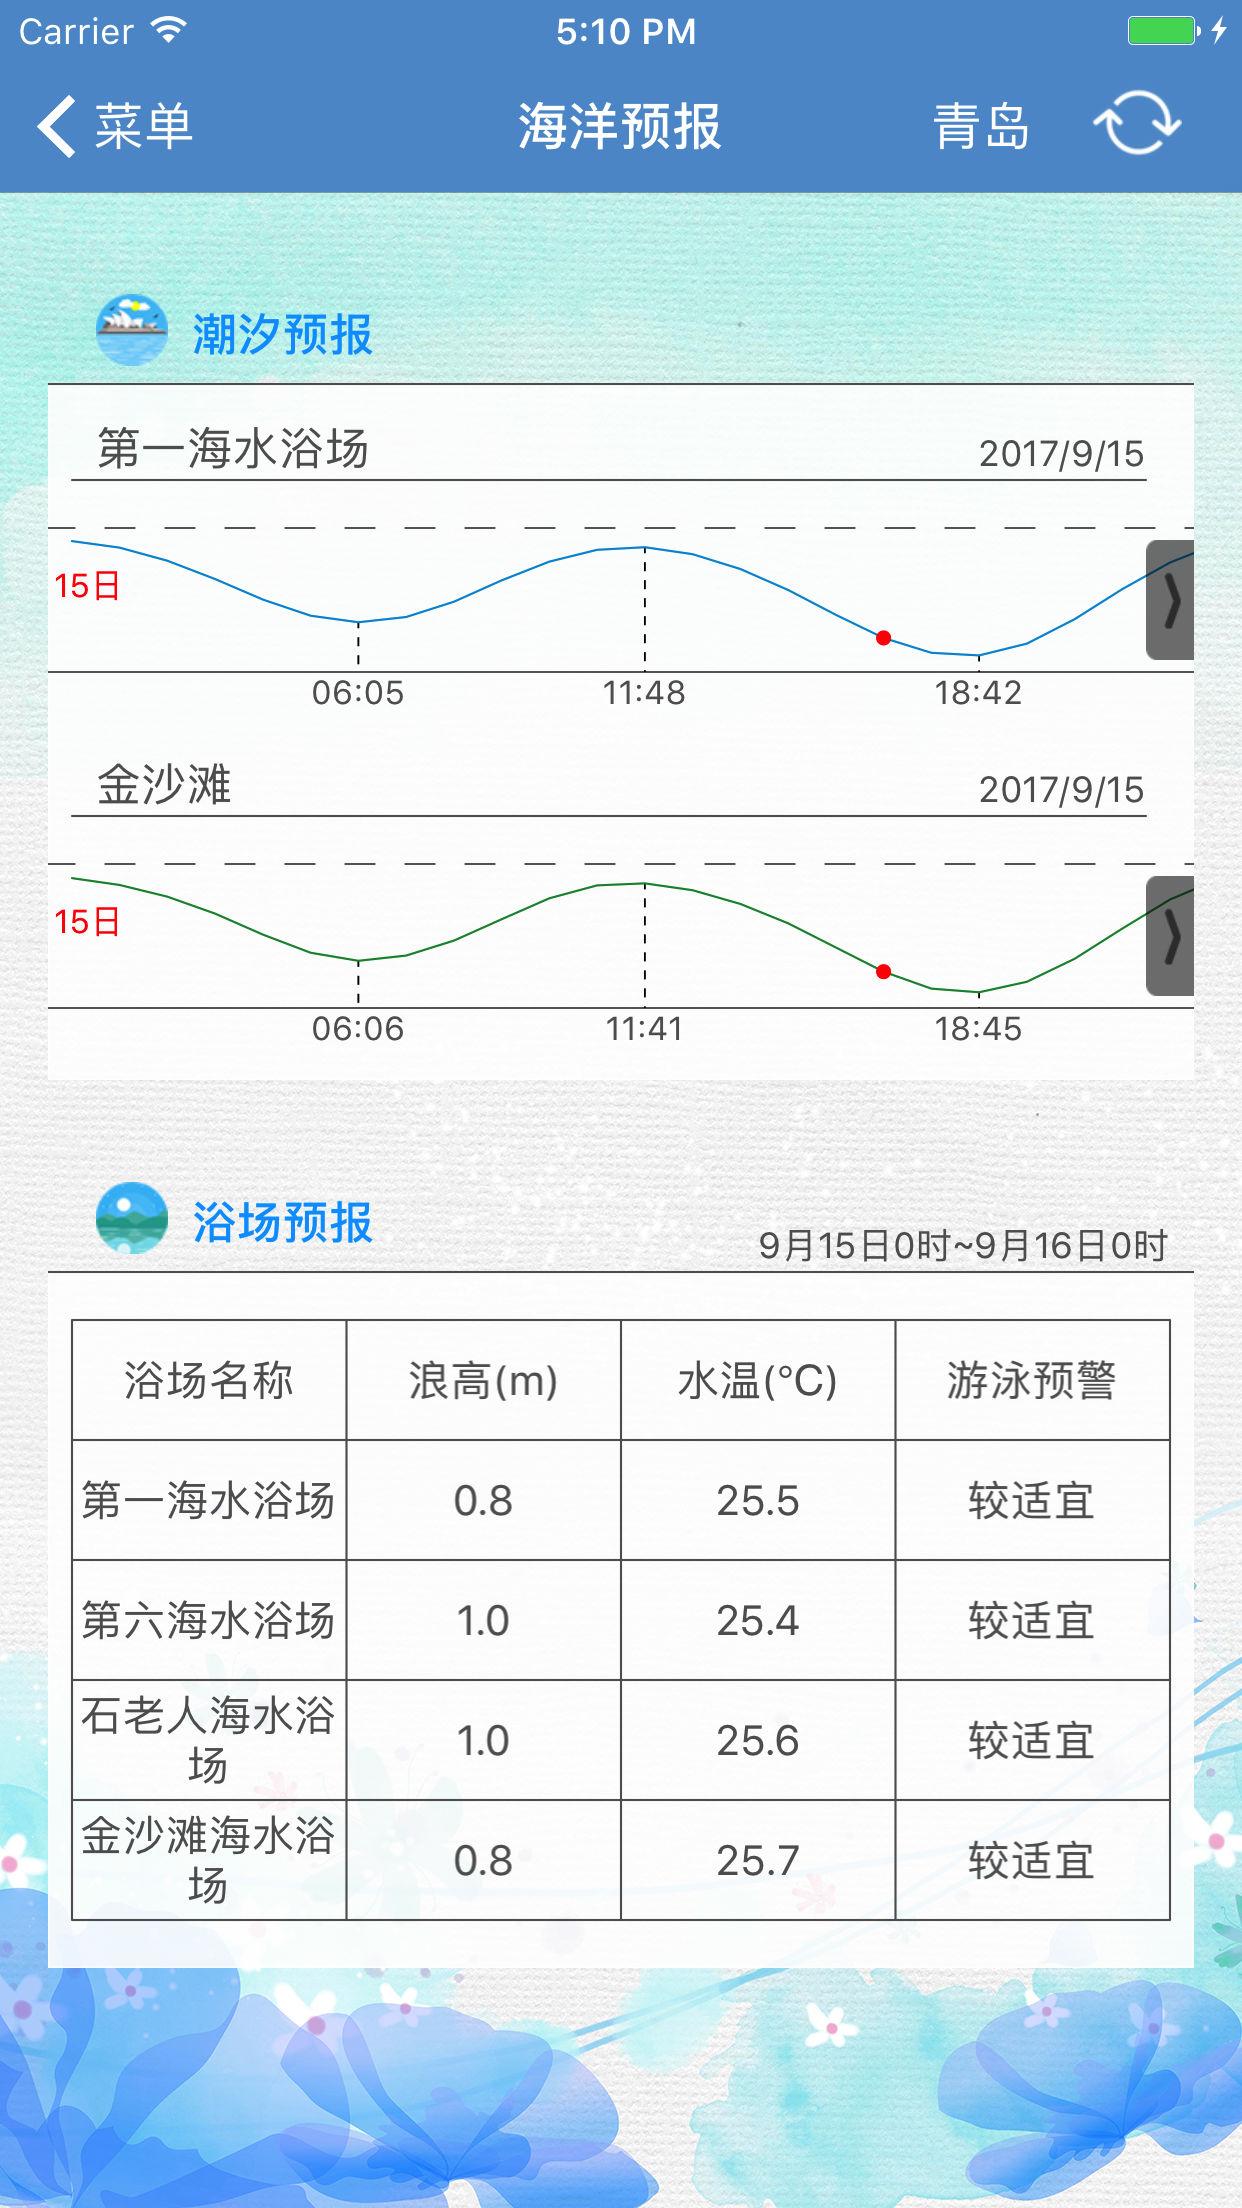 山东海洋预报 V1.2.1 安卓版截图4